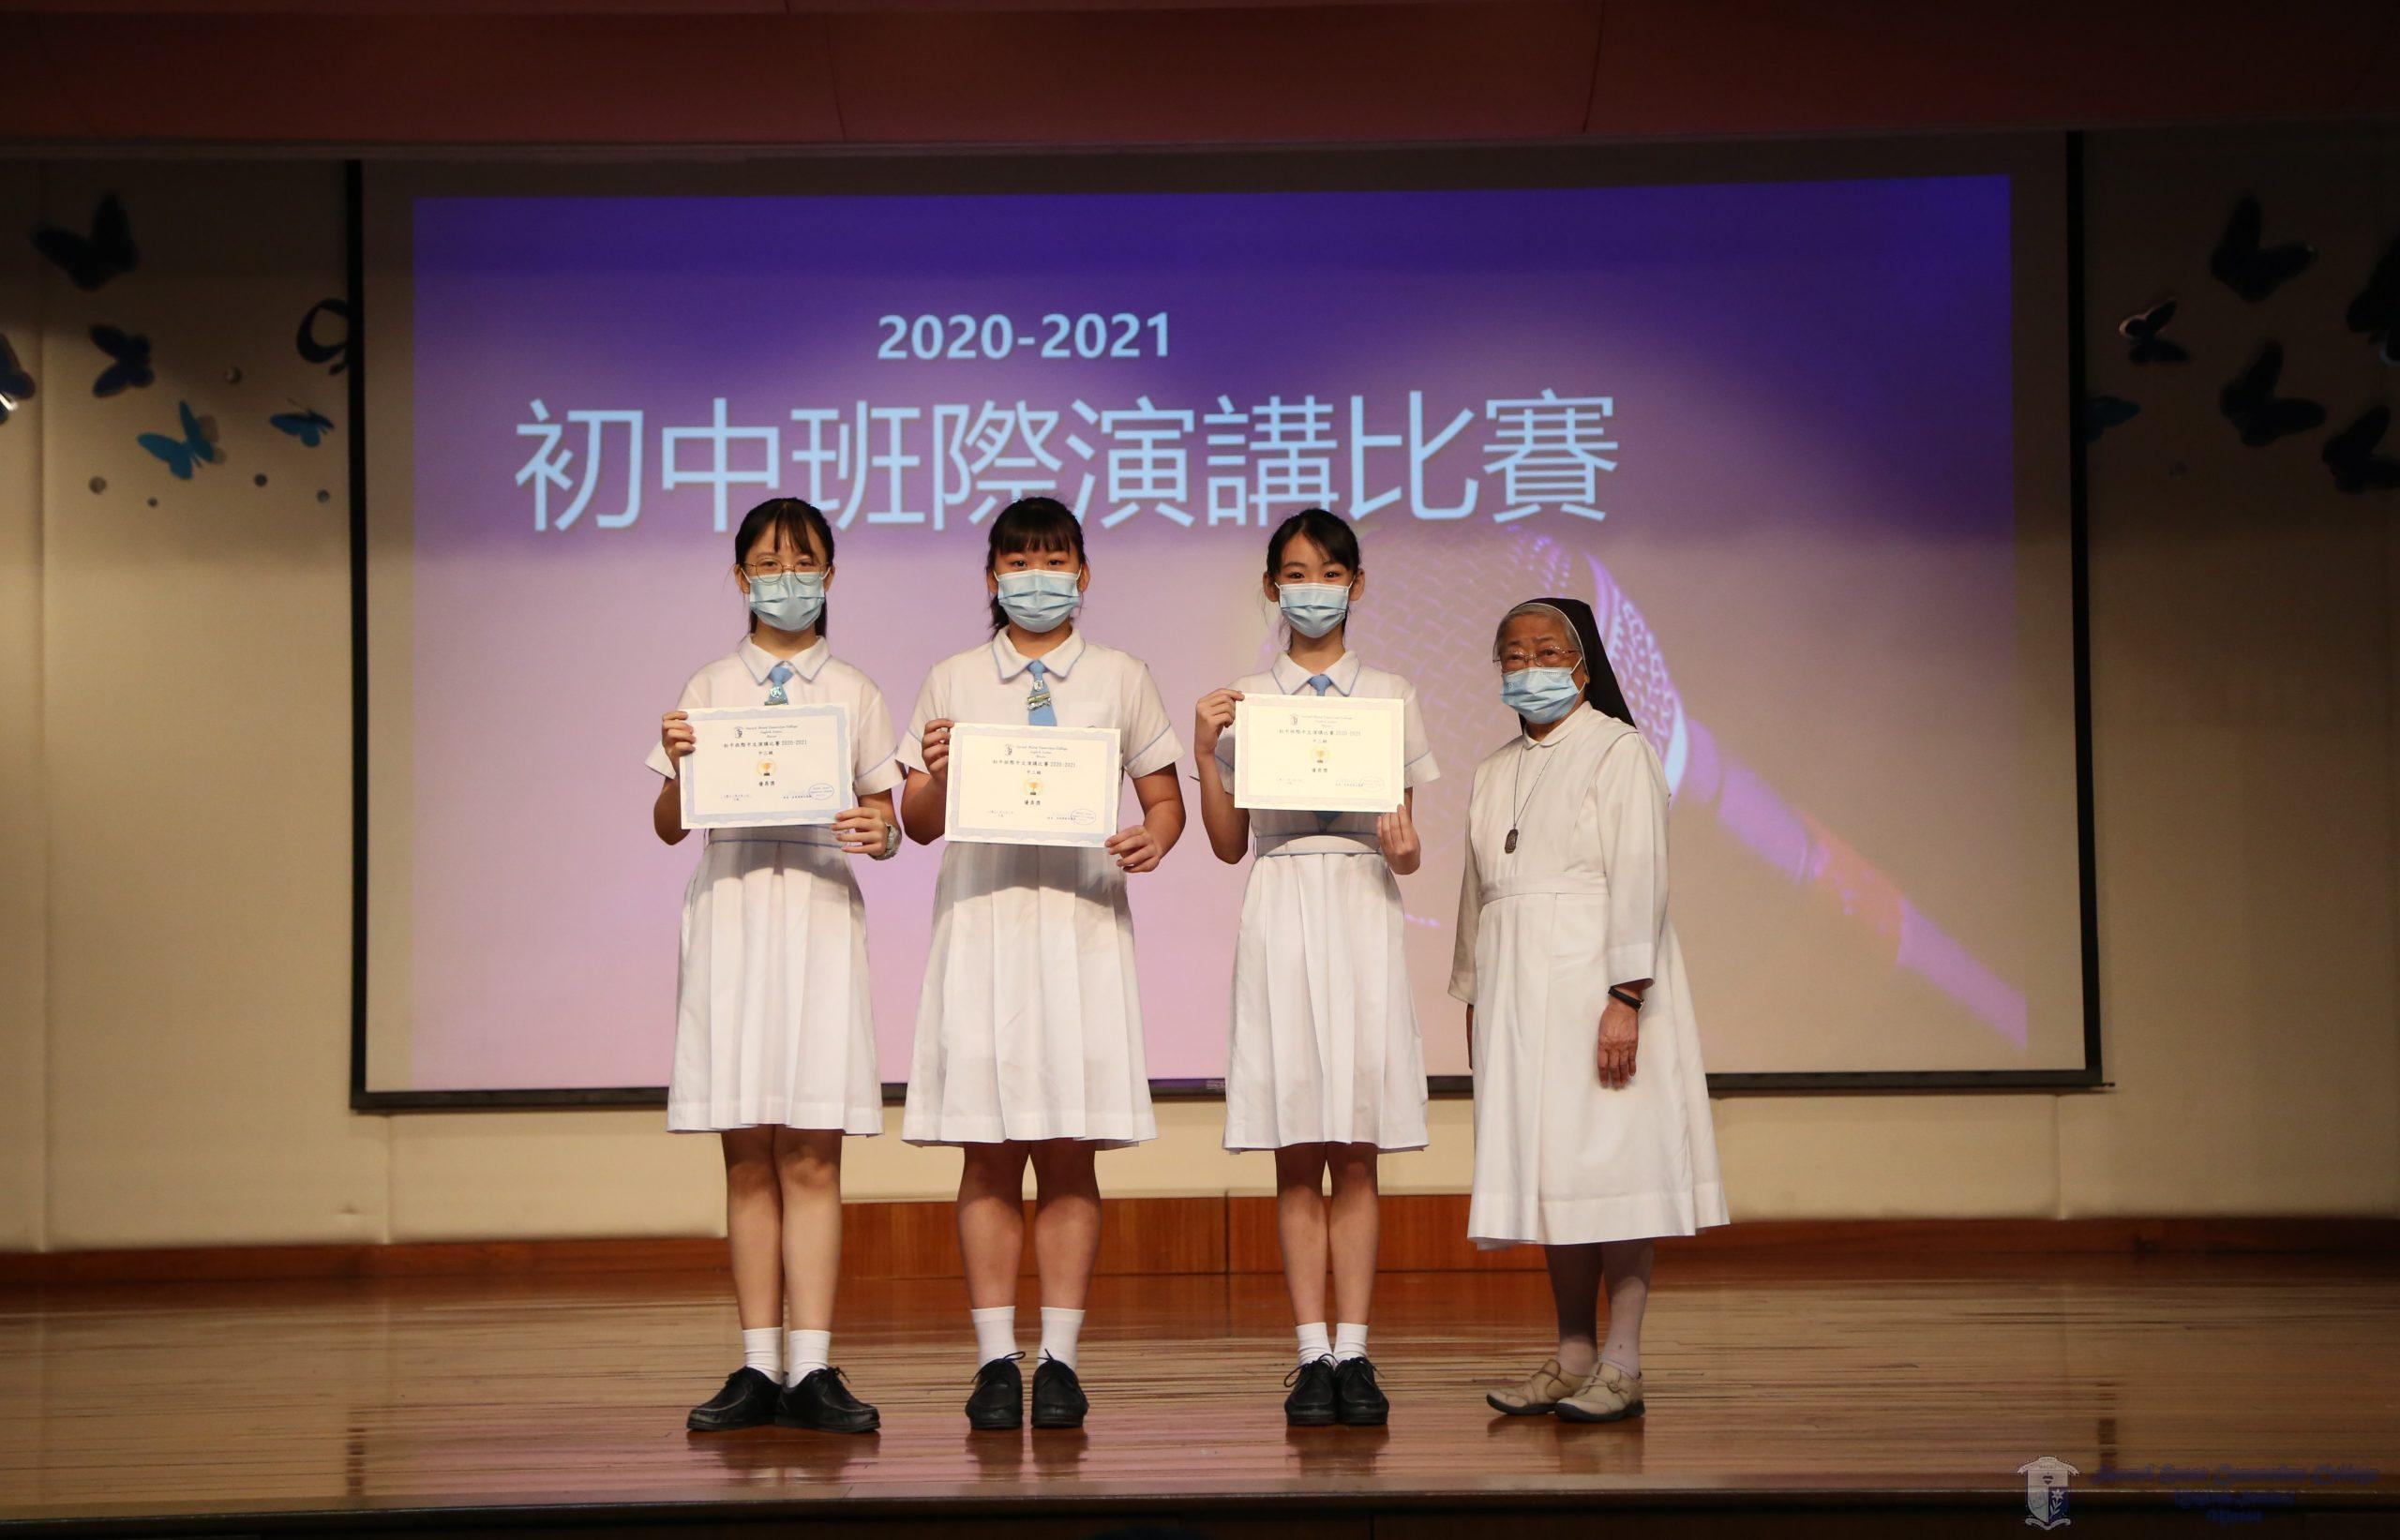 中三級優異獎得主與校監Sr. Dorothy Cheng合照留念